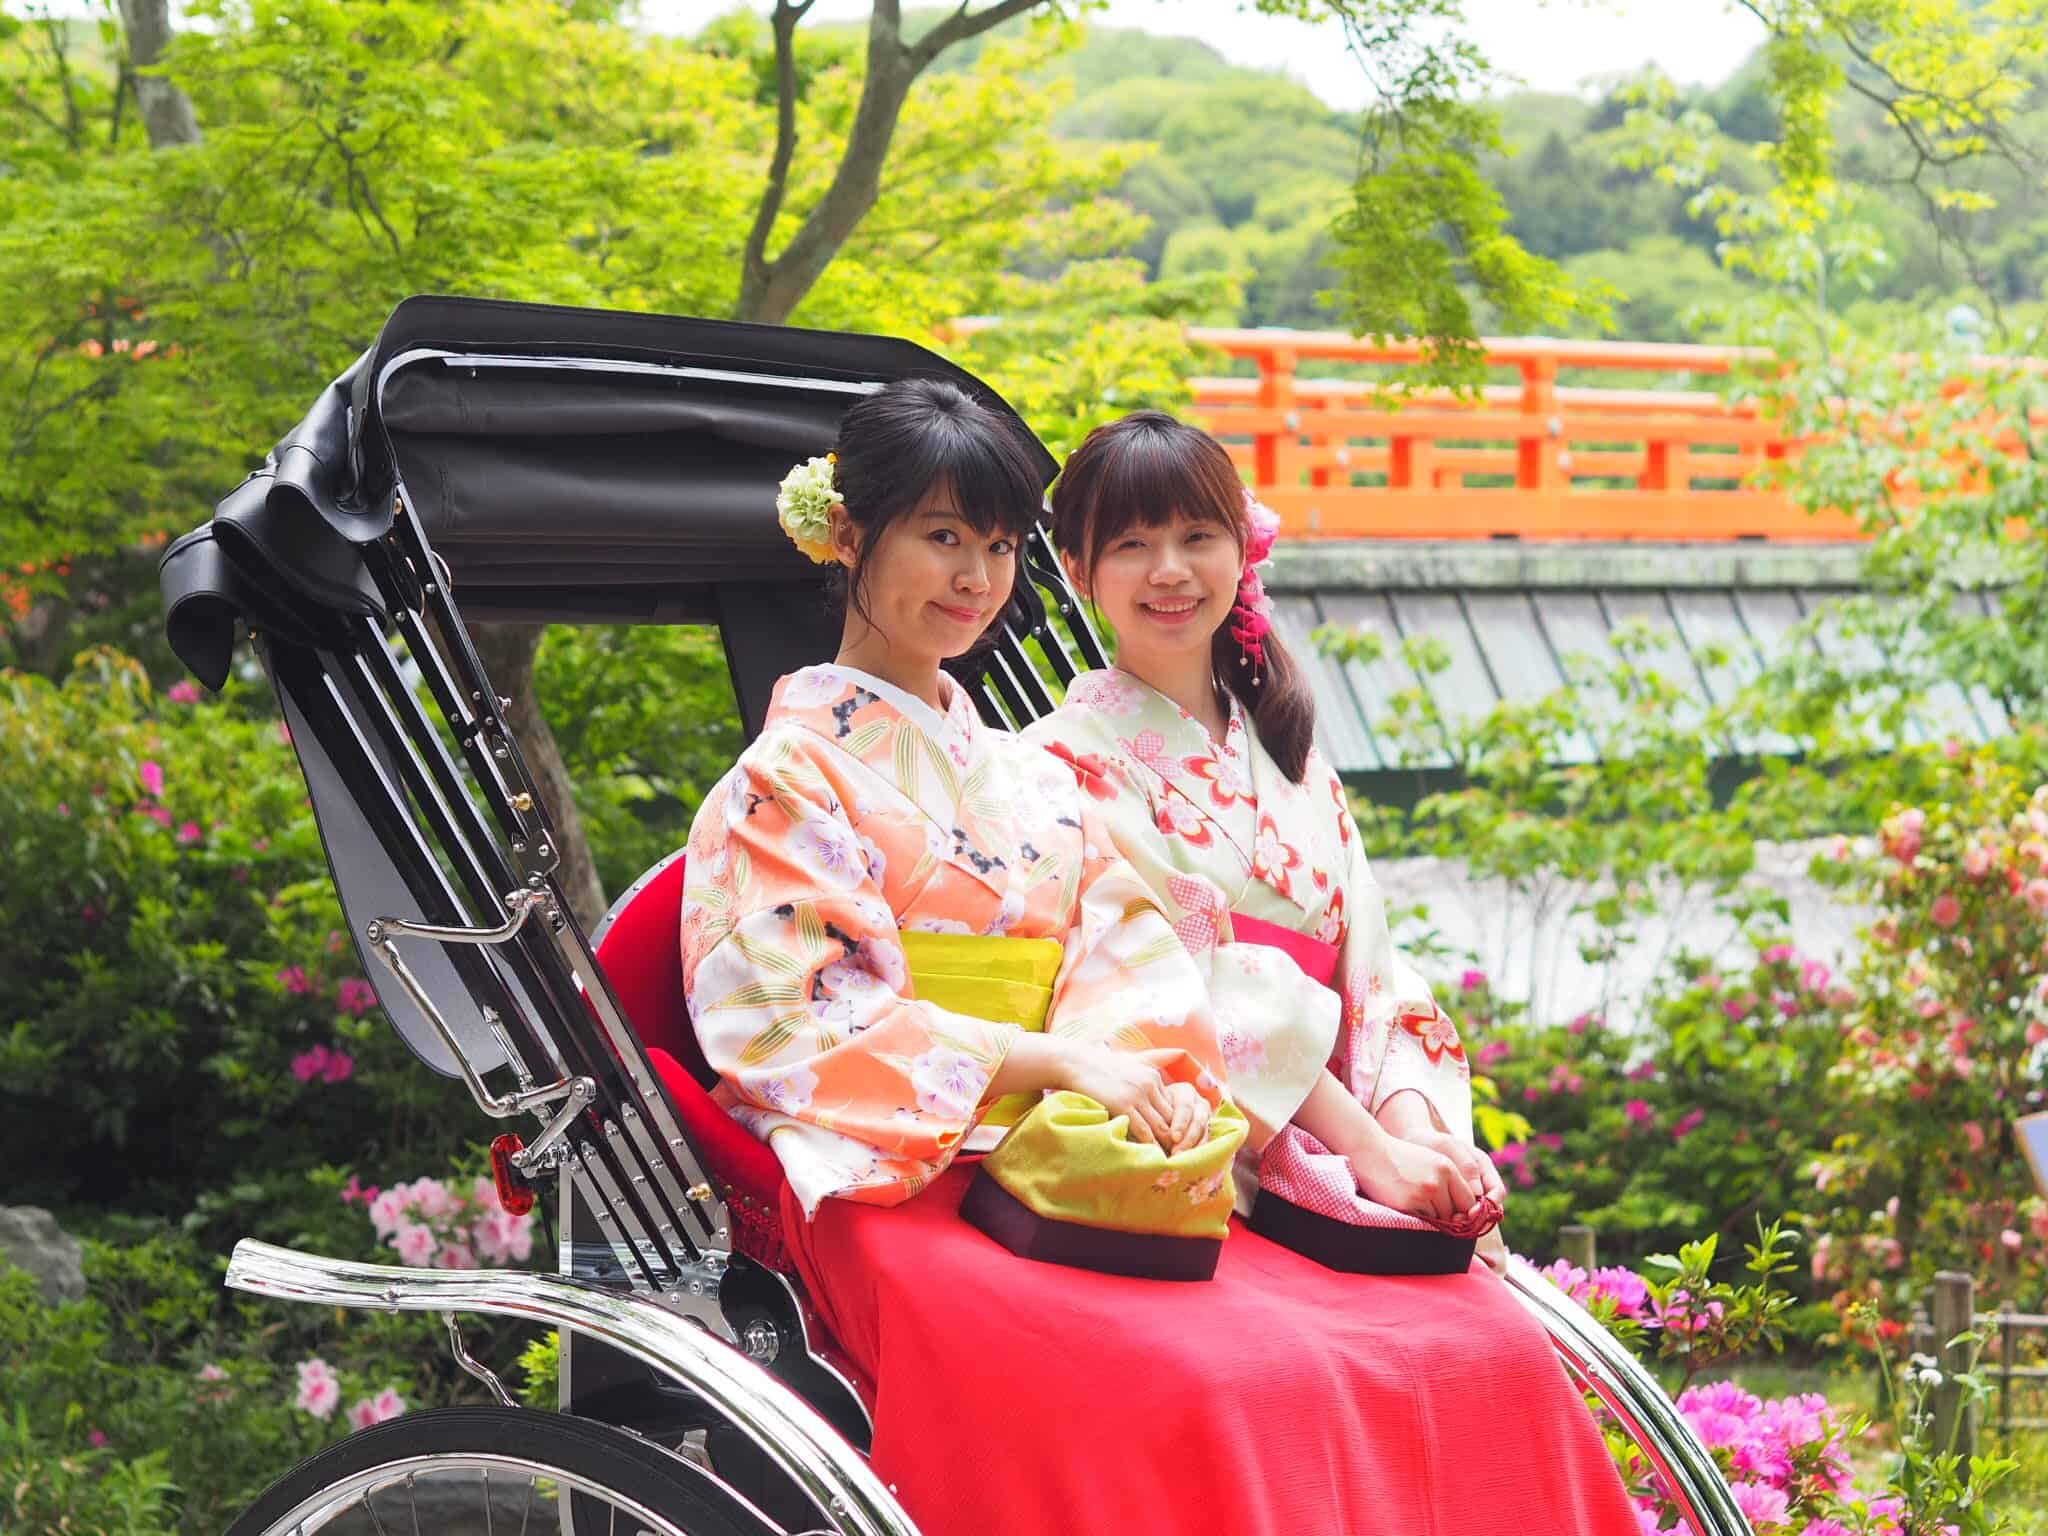 เช่ากิโมโนถ่ายรูปสวยๆ กับรถลากที่เมืองอุจิ (Ujibashi)